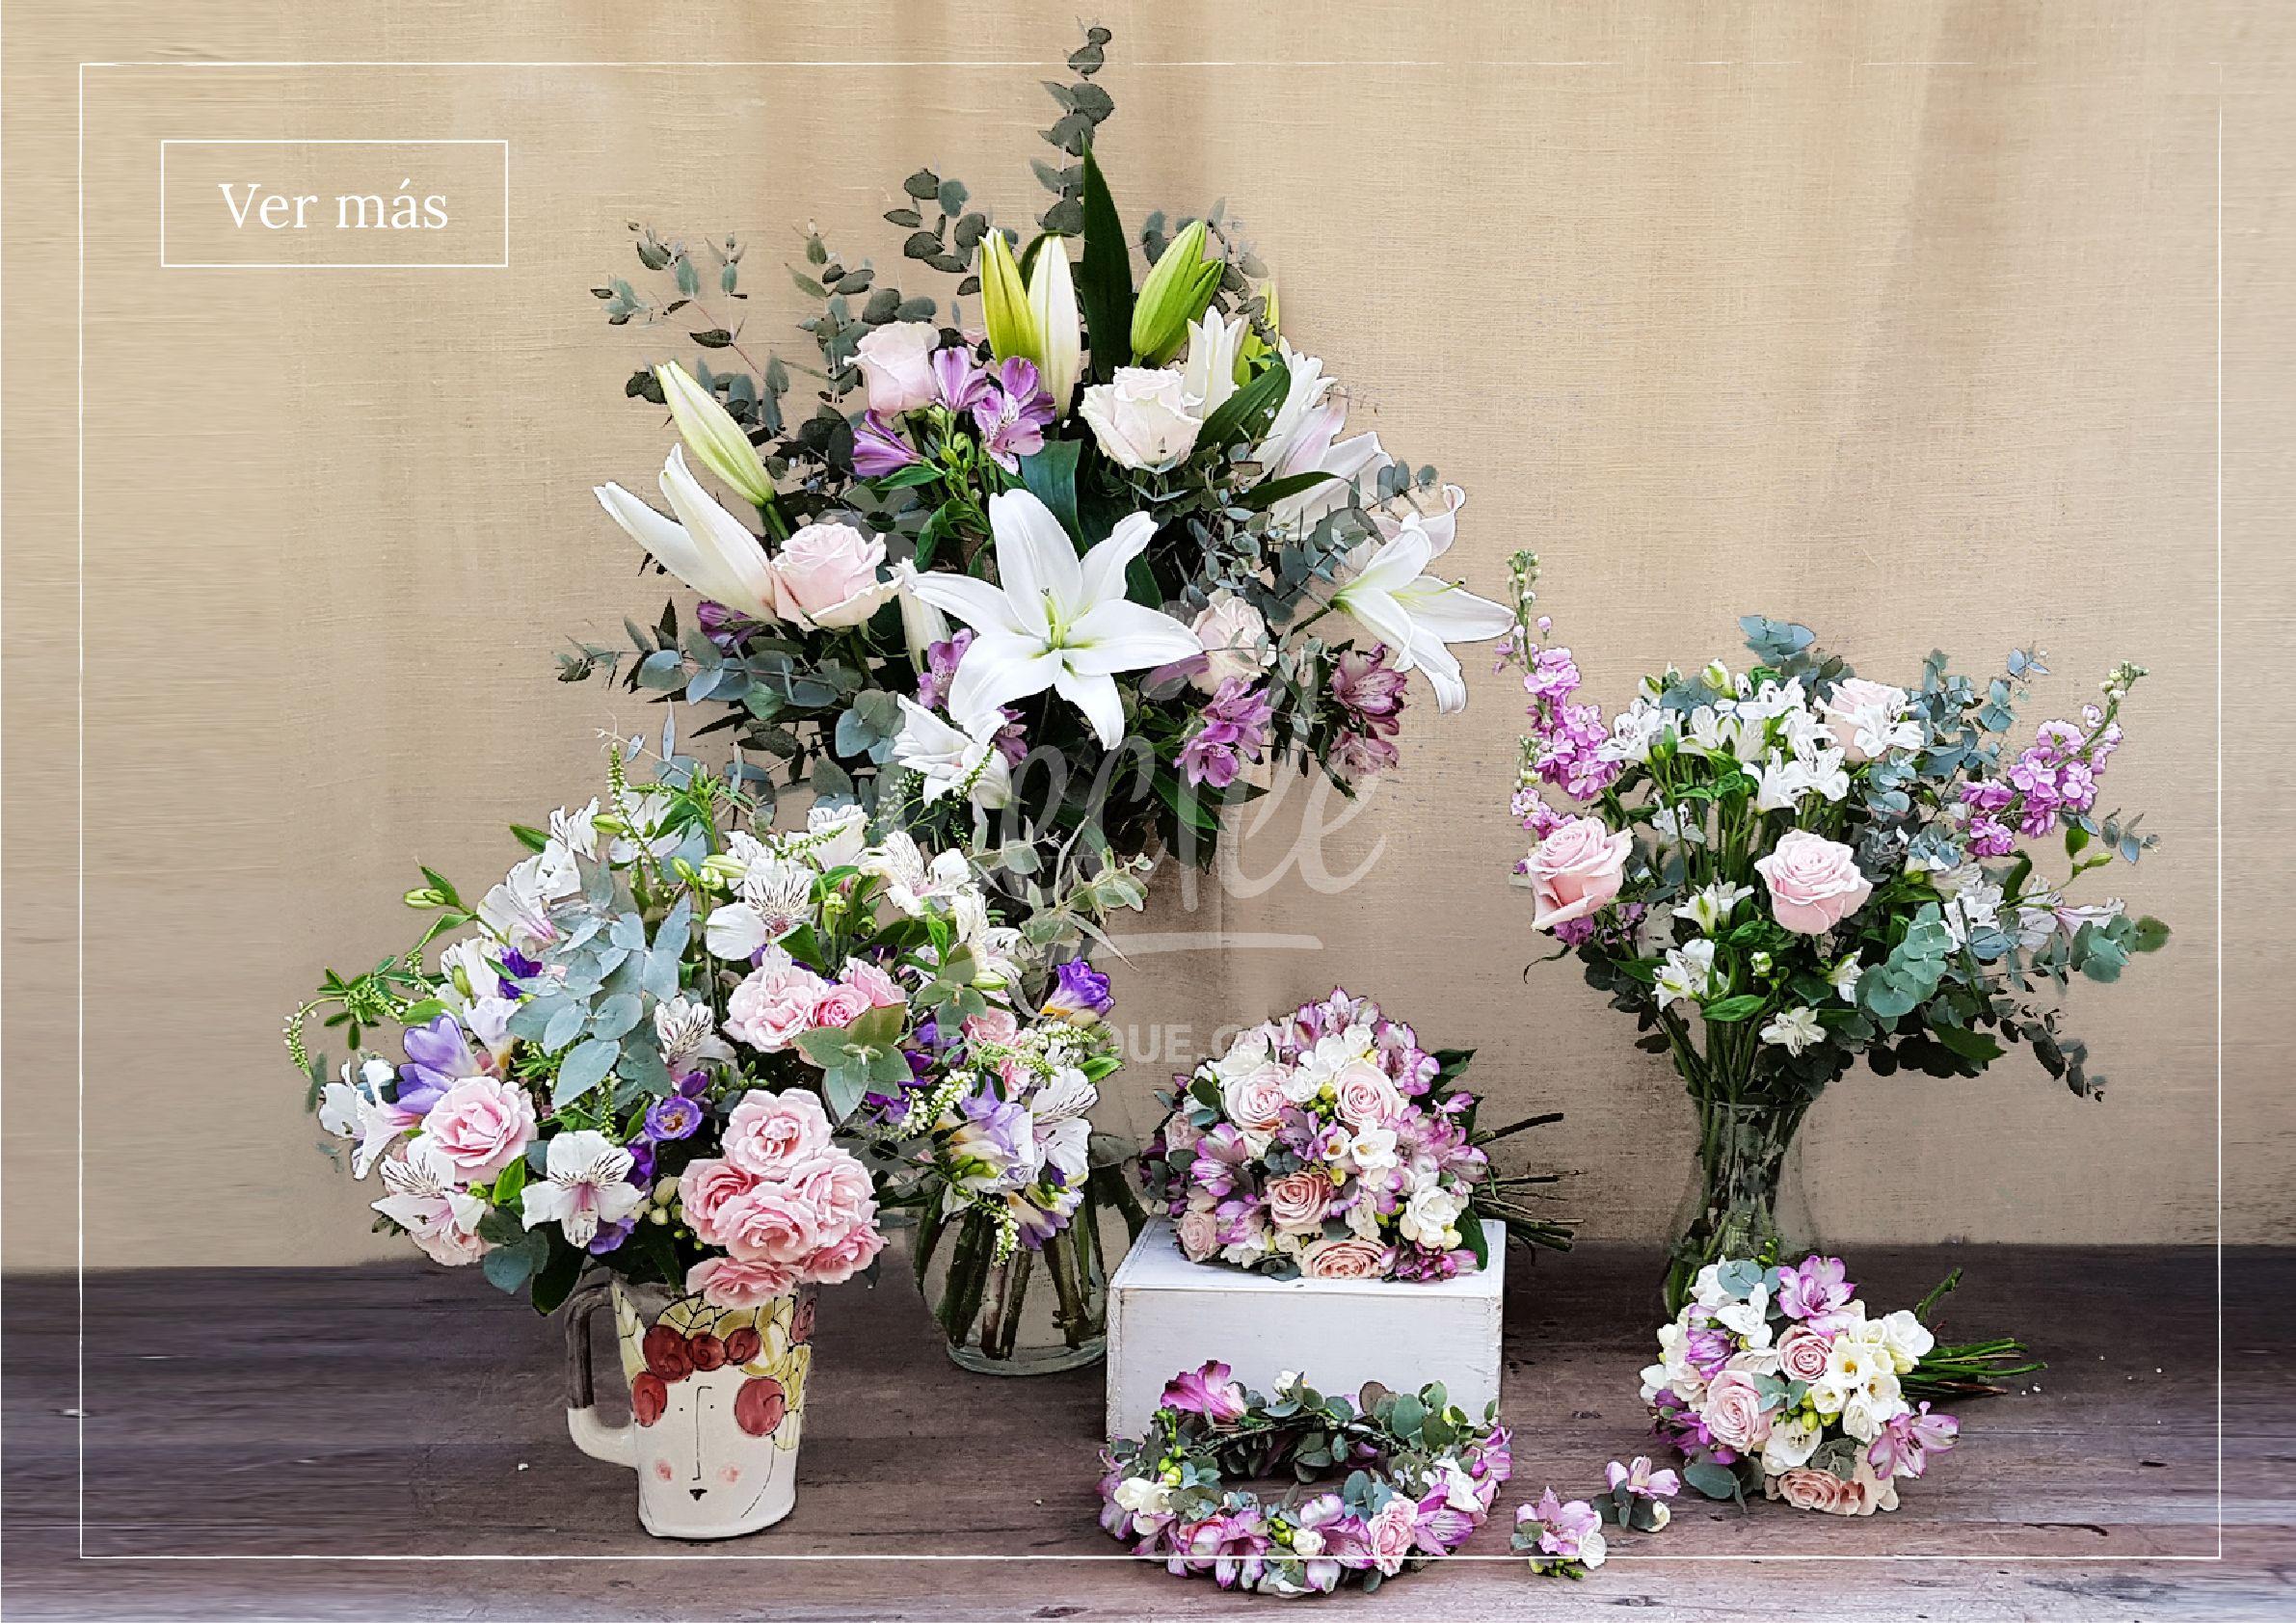 escena de arreglos florales blanco y rosa